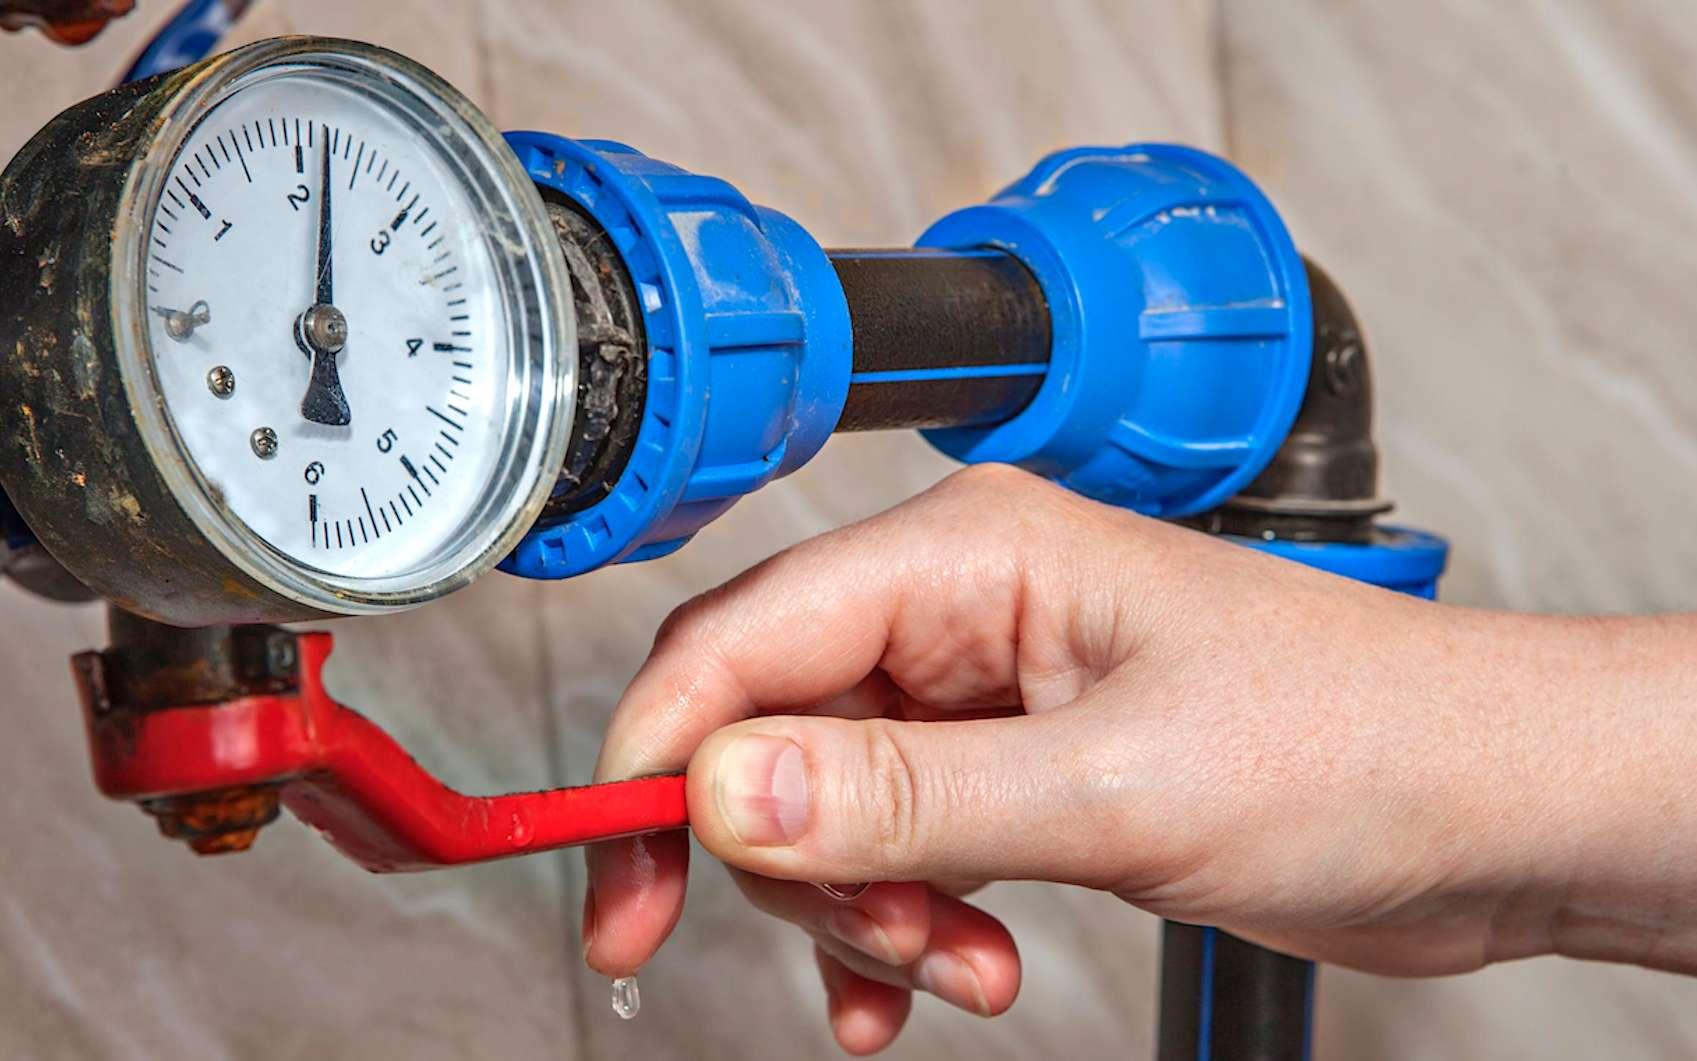 Entretenir les installations de plomberie nécessite des connaissances et pour une chaudière à gaz, par exemple, la loi impose un entretien annuel et l'intervention d'un professionnel. © Engie